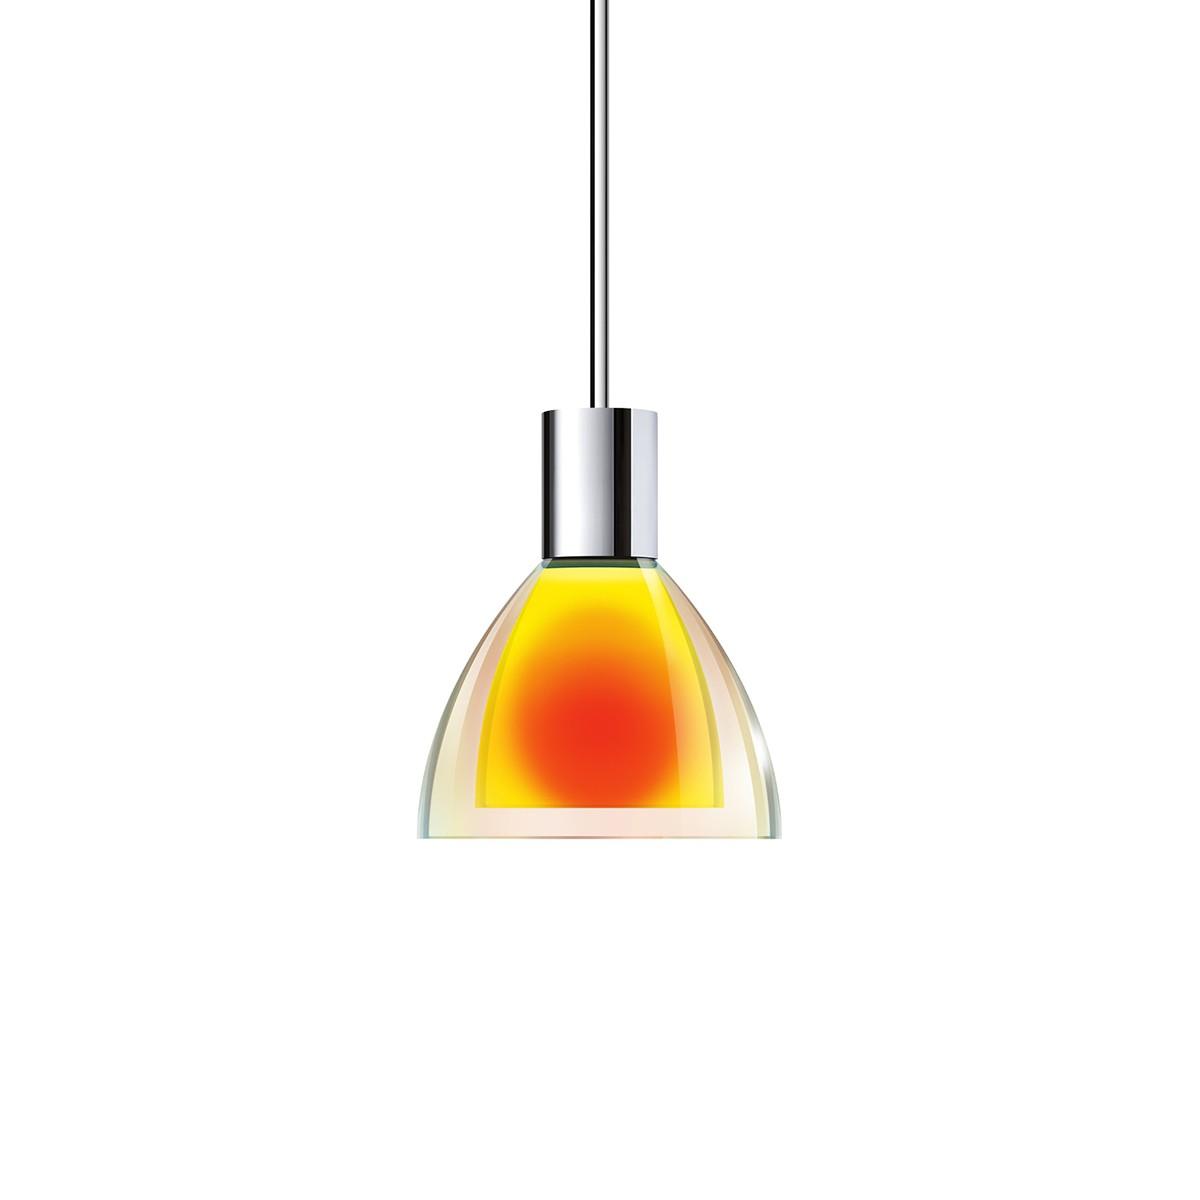 Bruck Duolare Silva Neo Ø: 11 cm Fassung: Chrom Pendelleuchte, Glas: dichroitisch orange - gelb